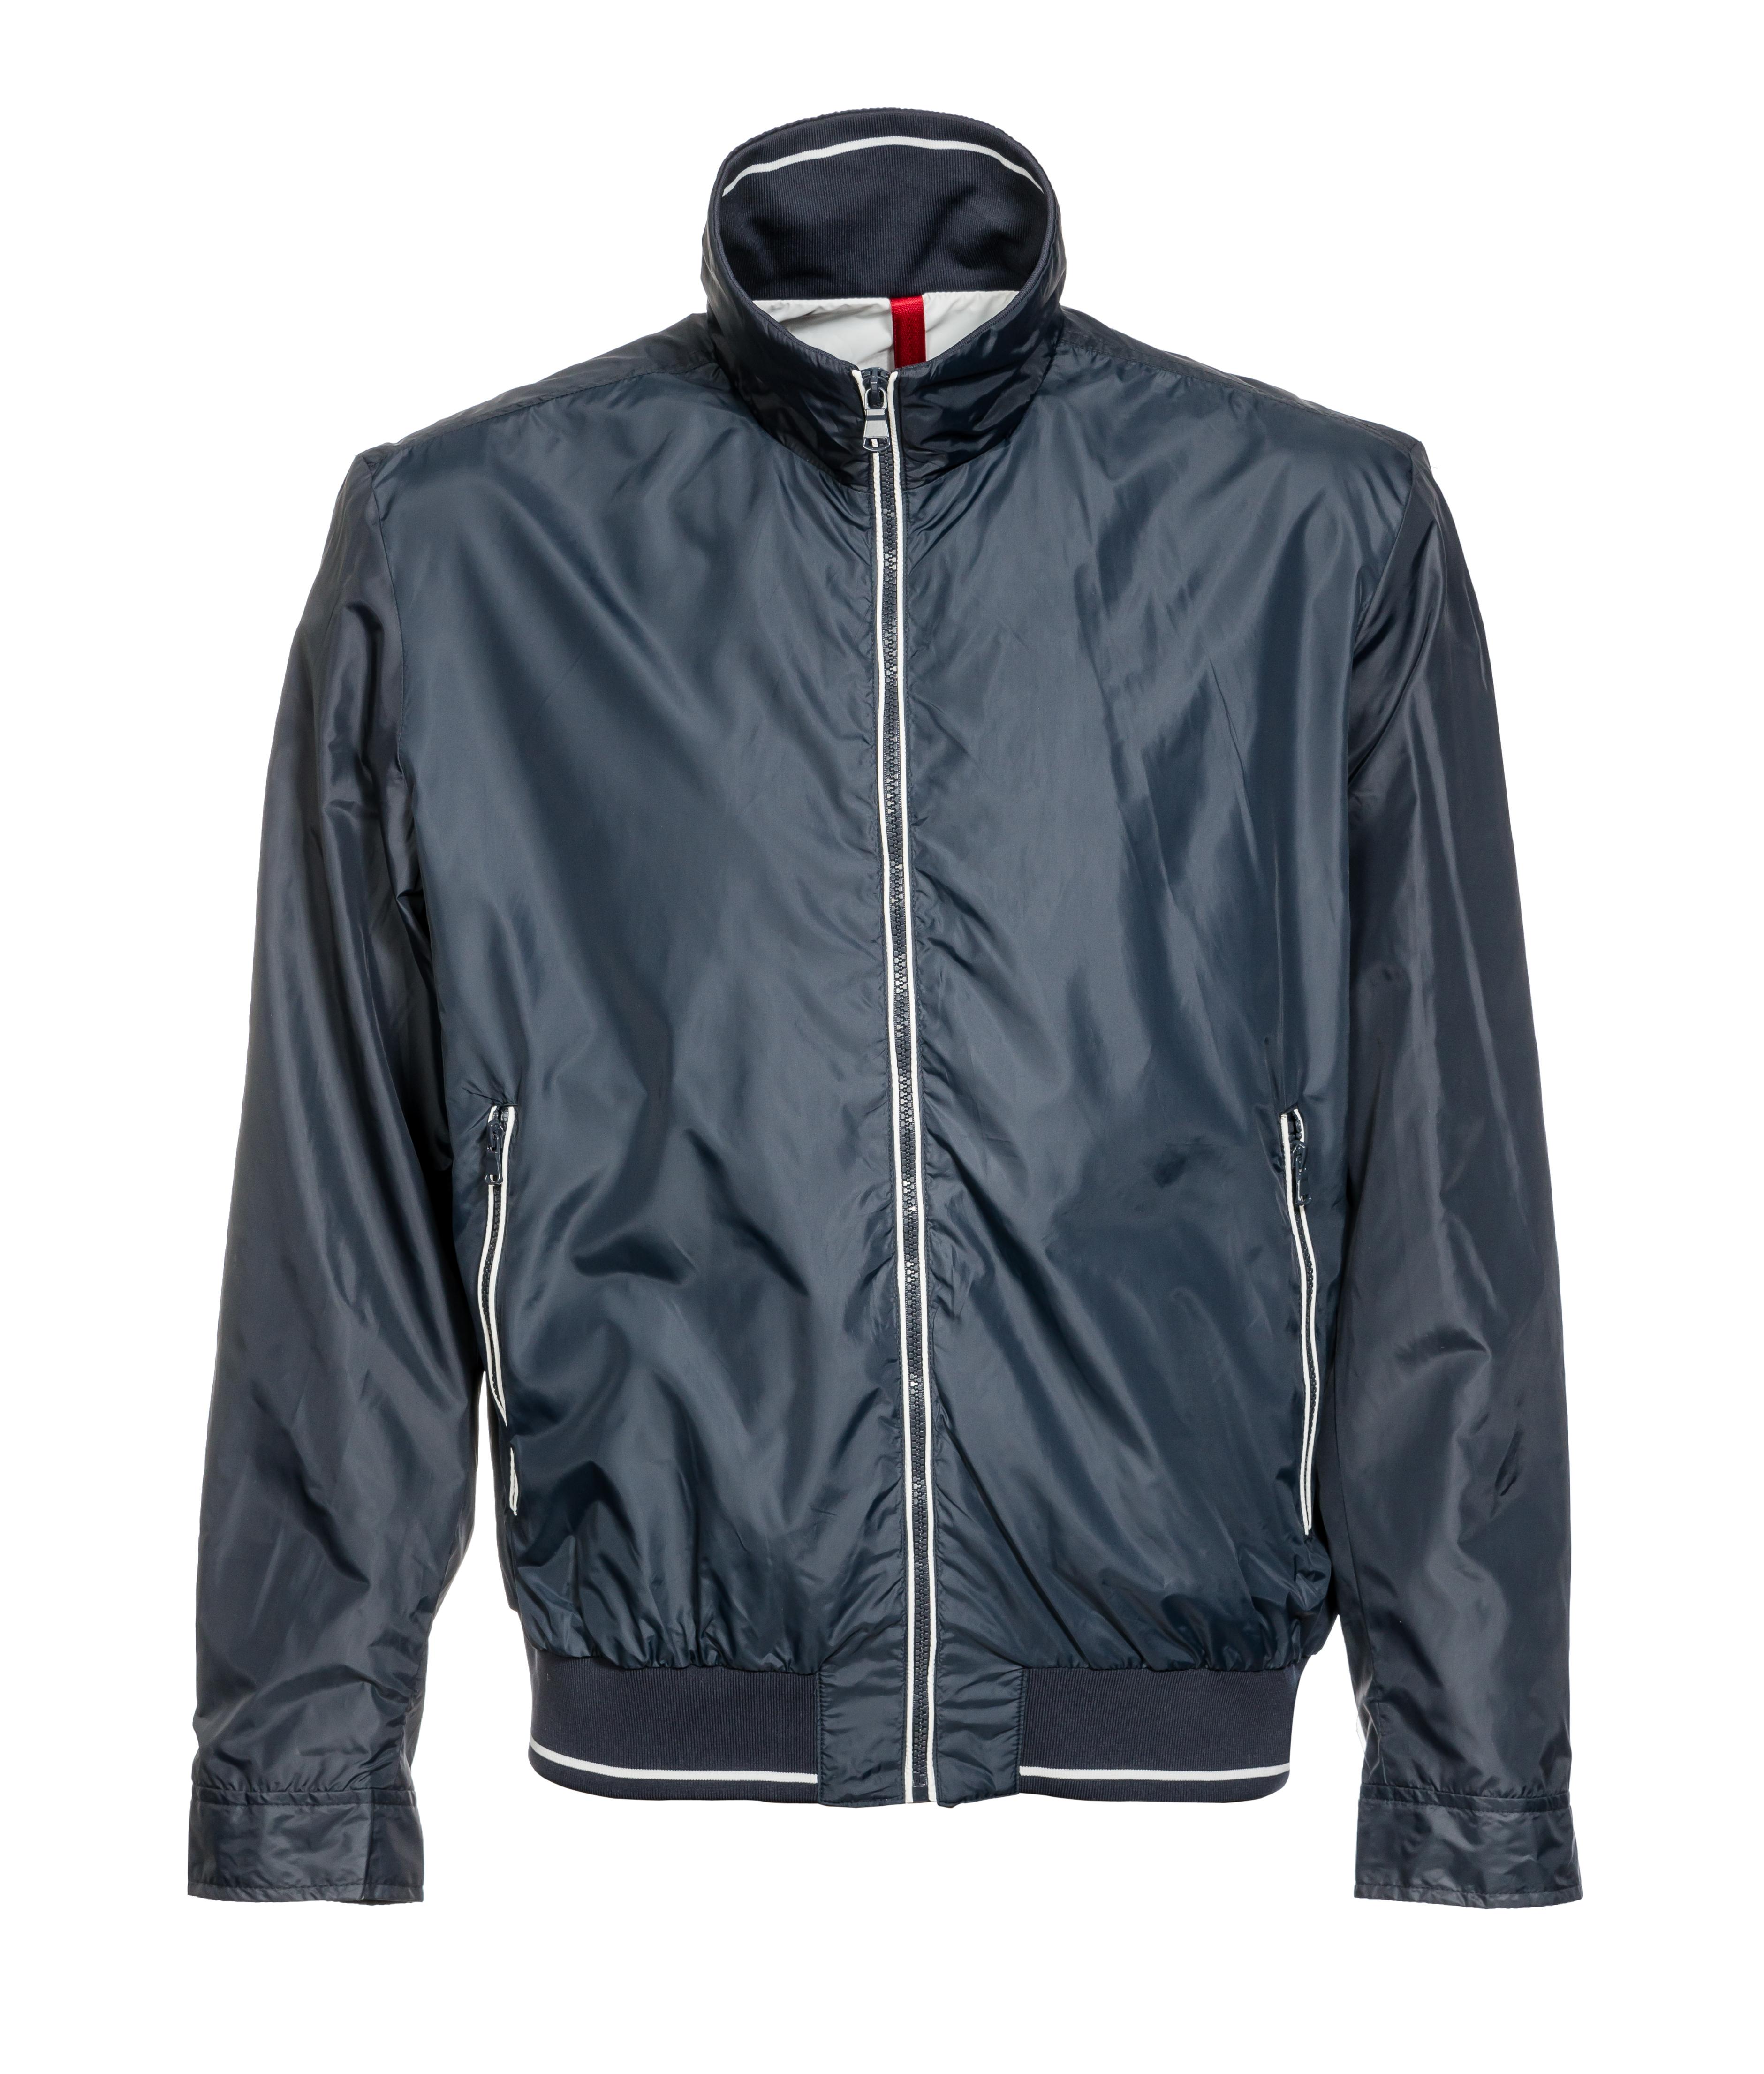 Custom made jackets (11)